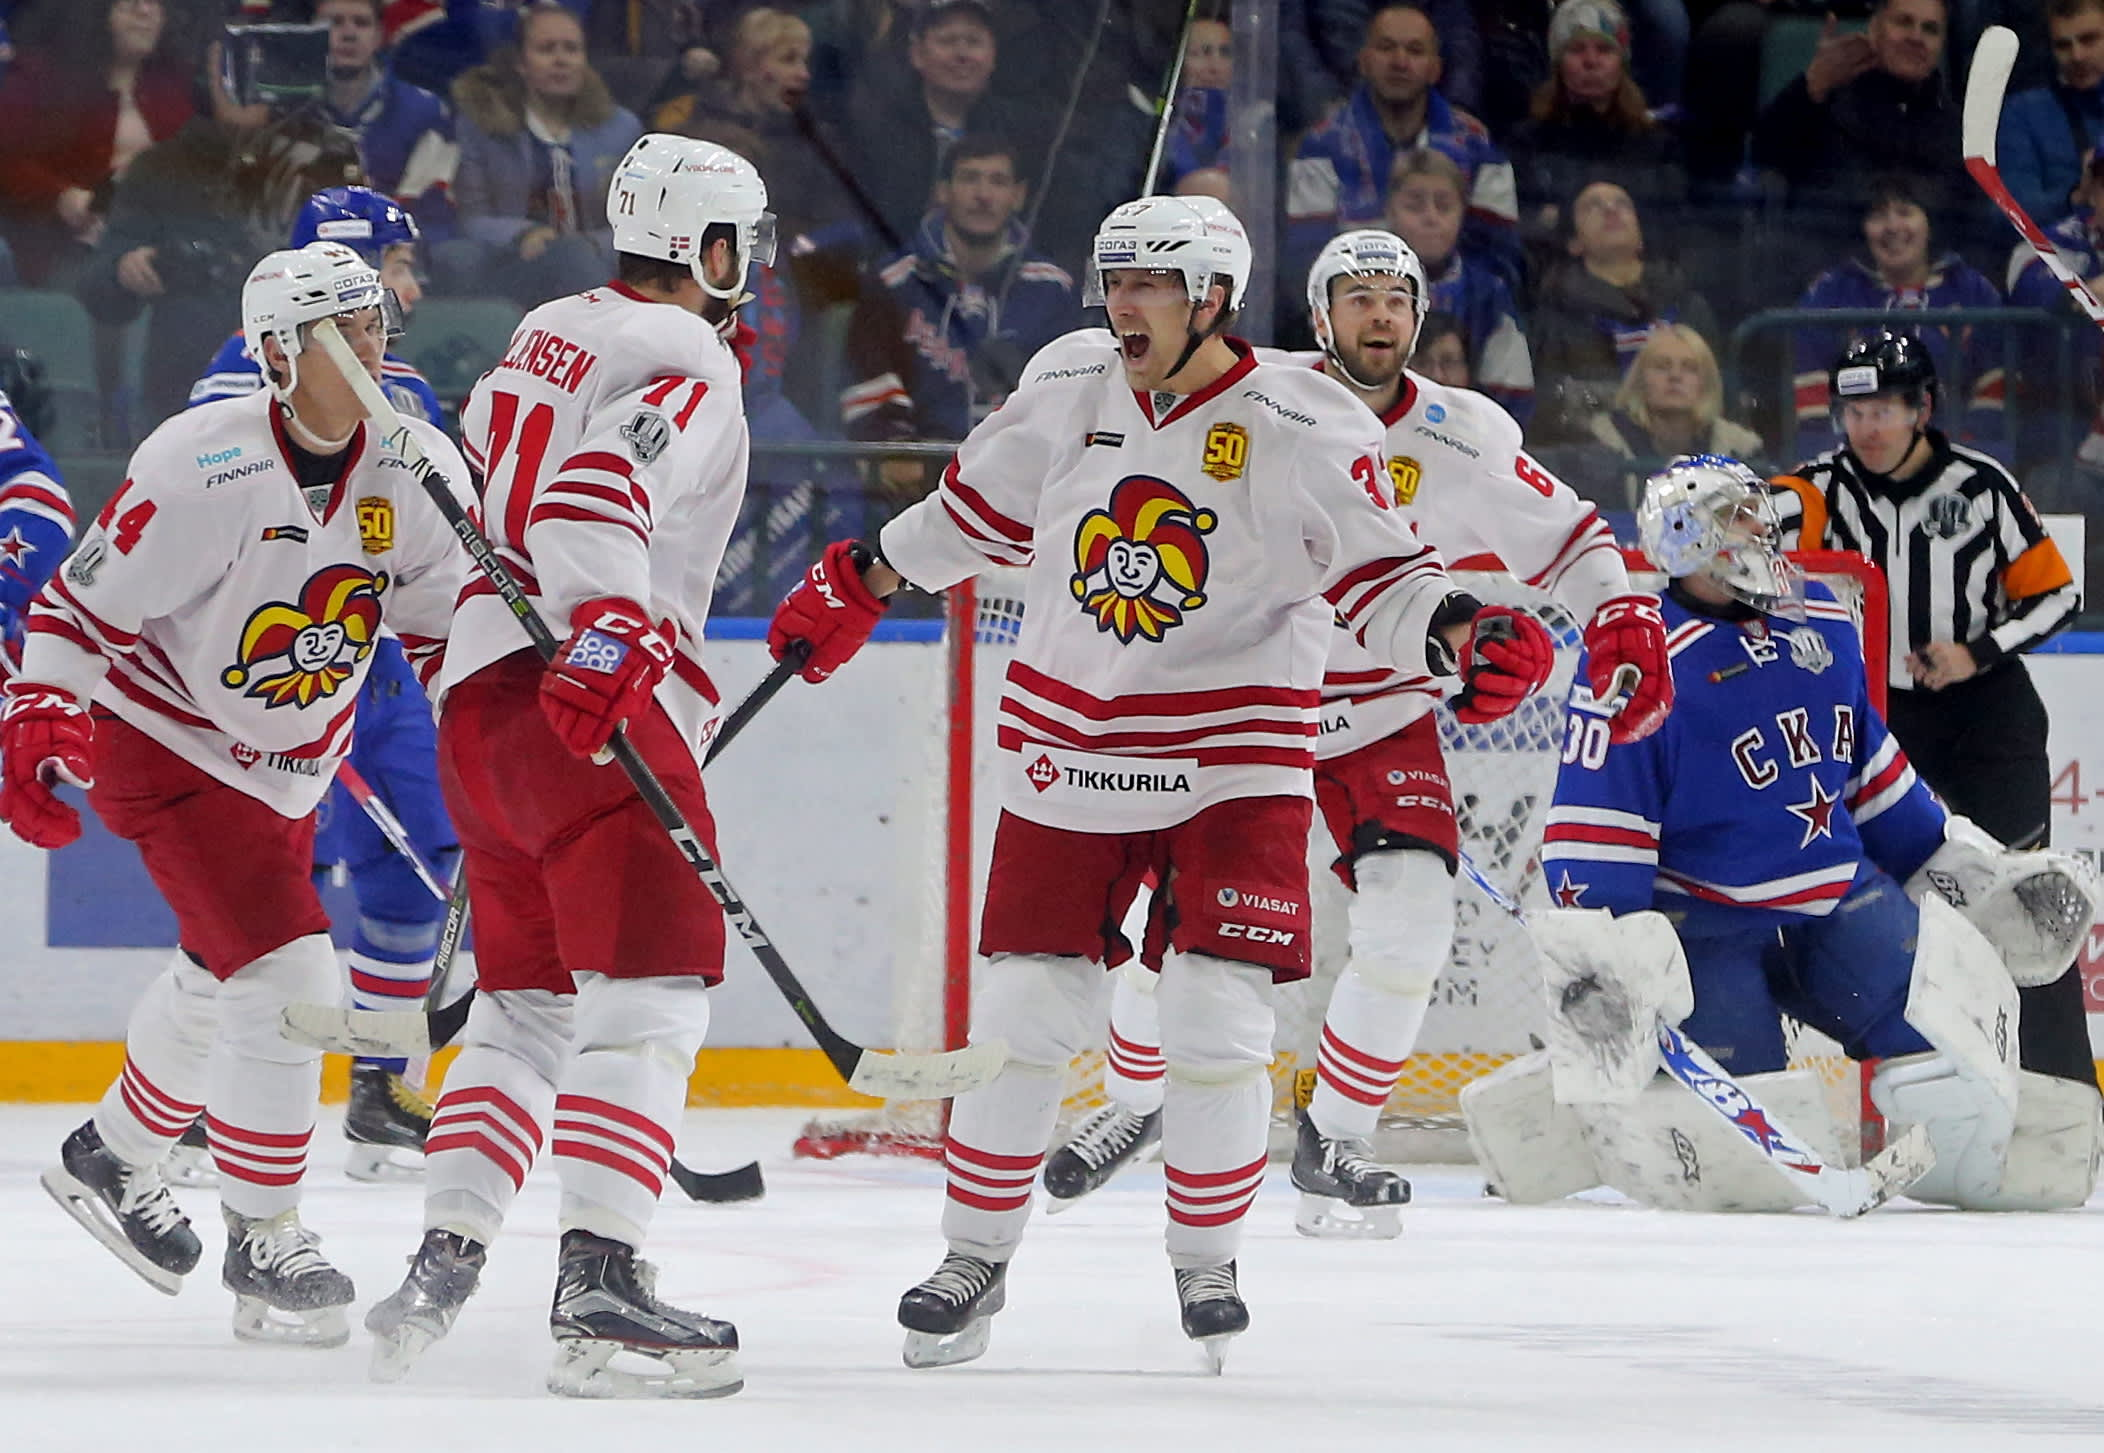 Jokerit kohtasi Pietarin SKA:n KHL-liigan ottelussa.